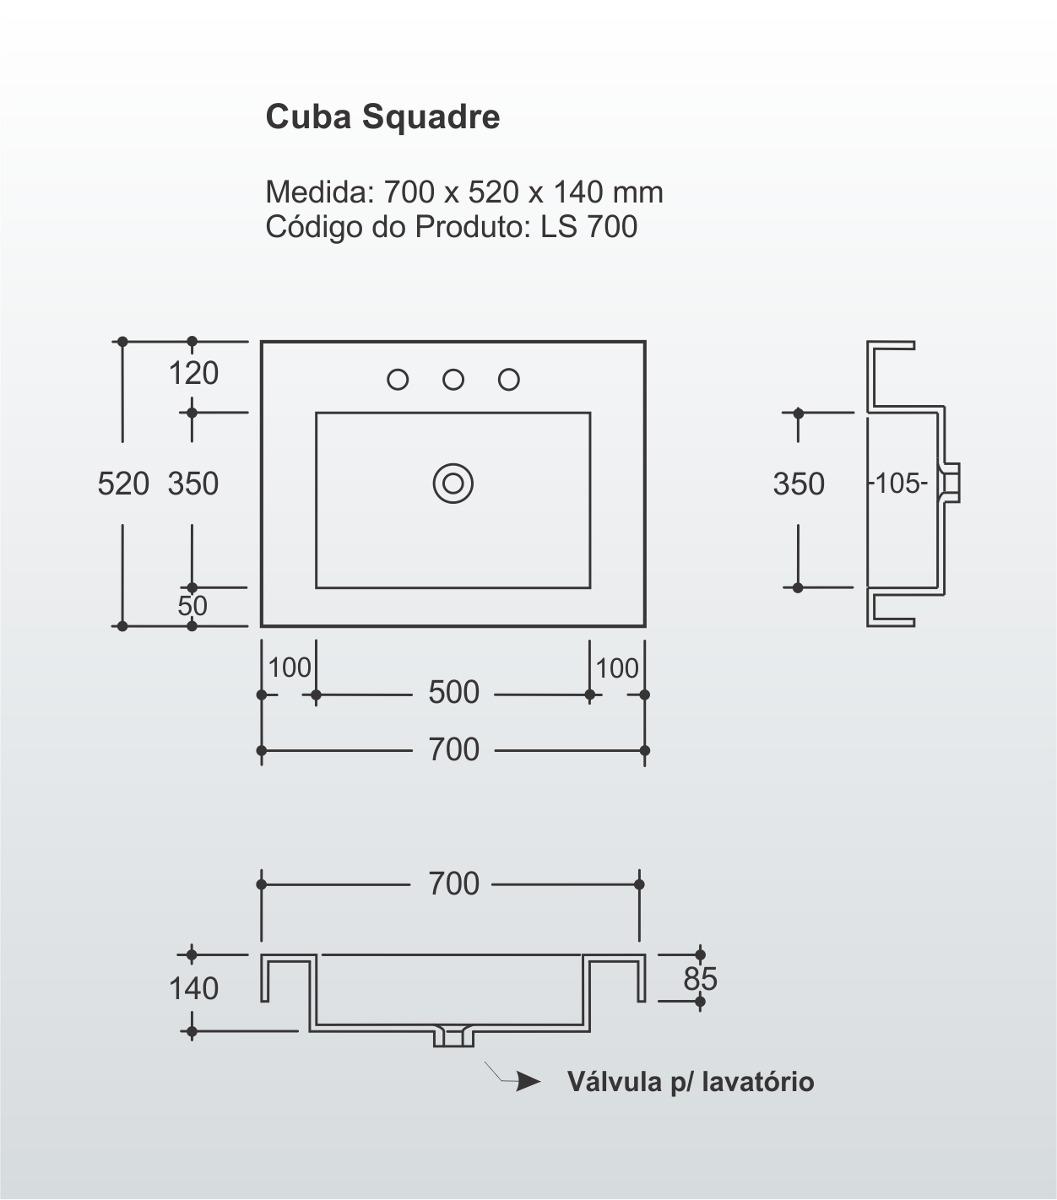 Kit Gabinete Banheiro Modelo Squadre Ks703 03 Peças R$ 749 00  #586873 1057 1200